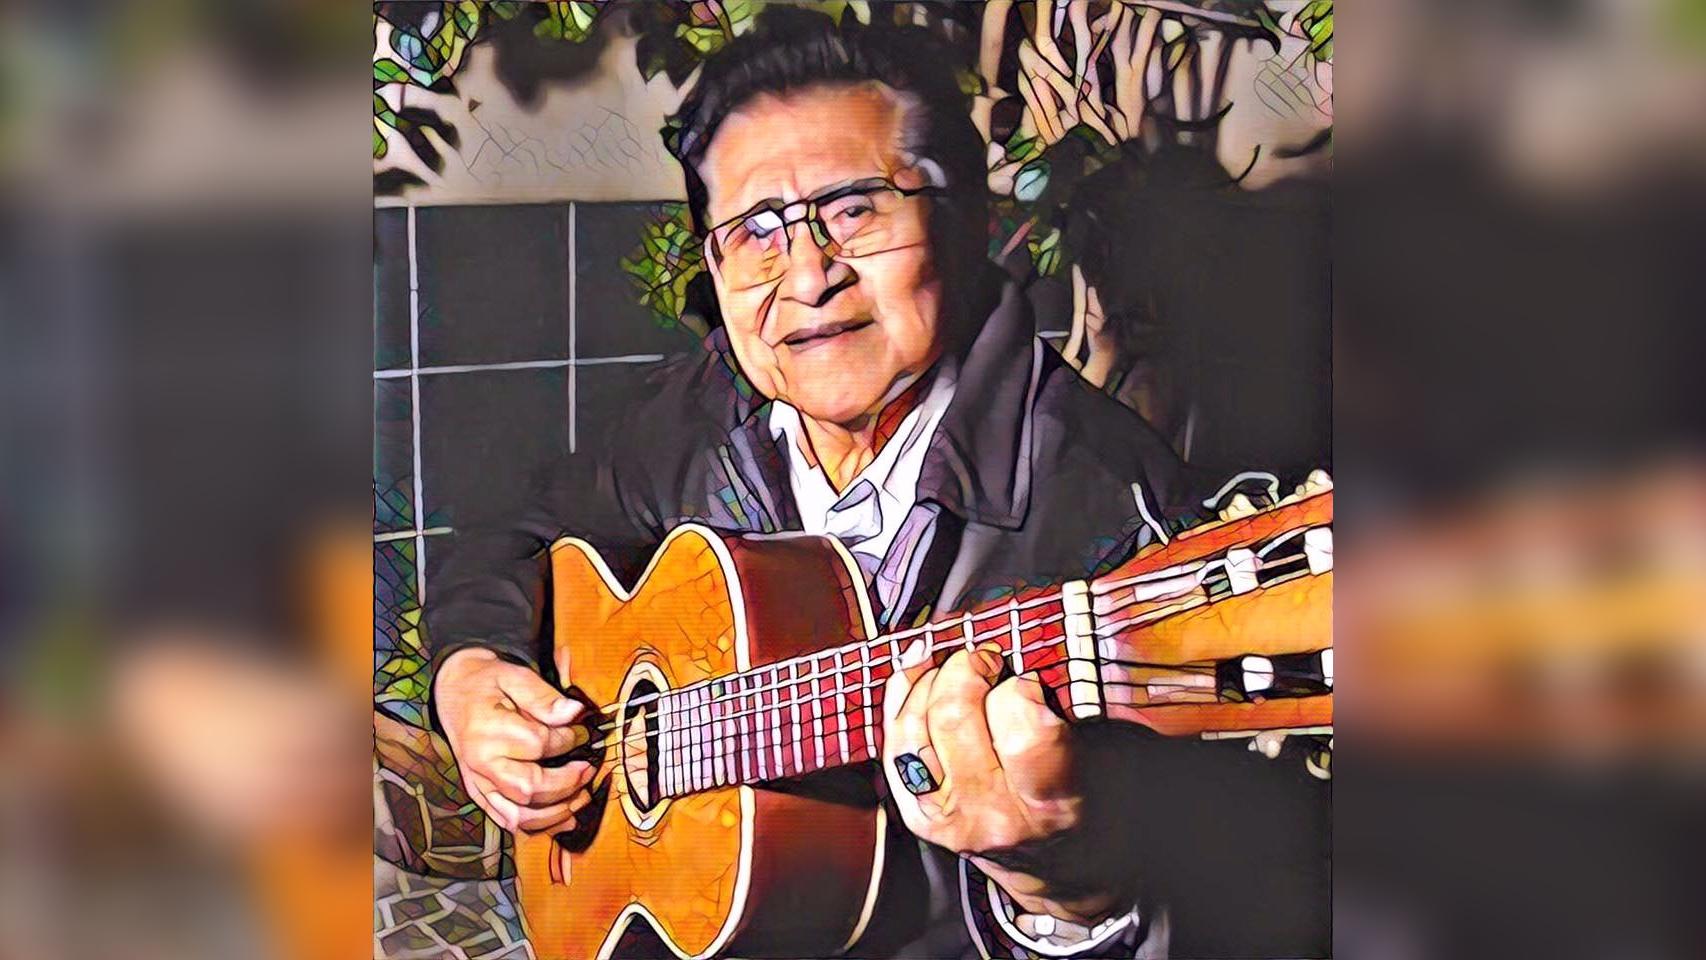 Cholo Soy - Nueva versión